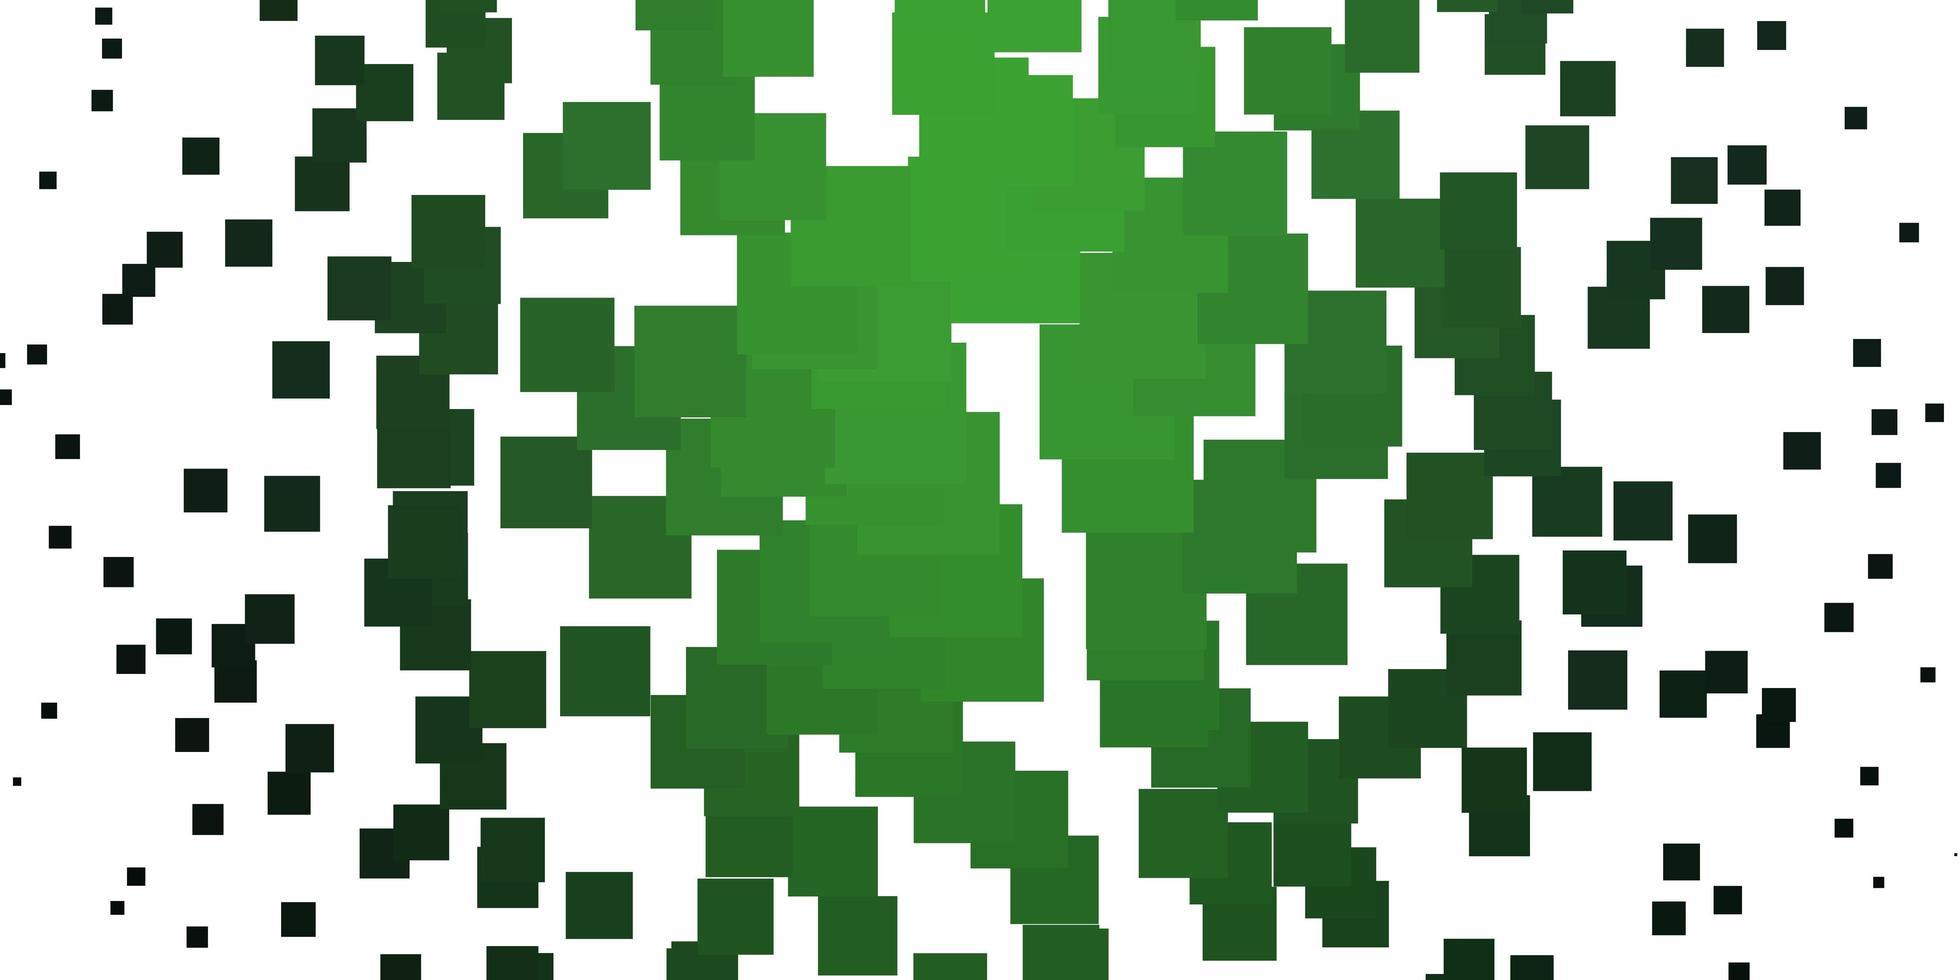 plantilla de vector verde claro en rectángulos.